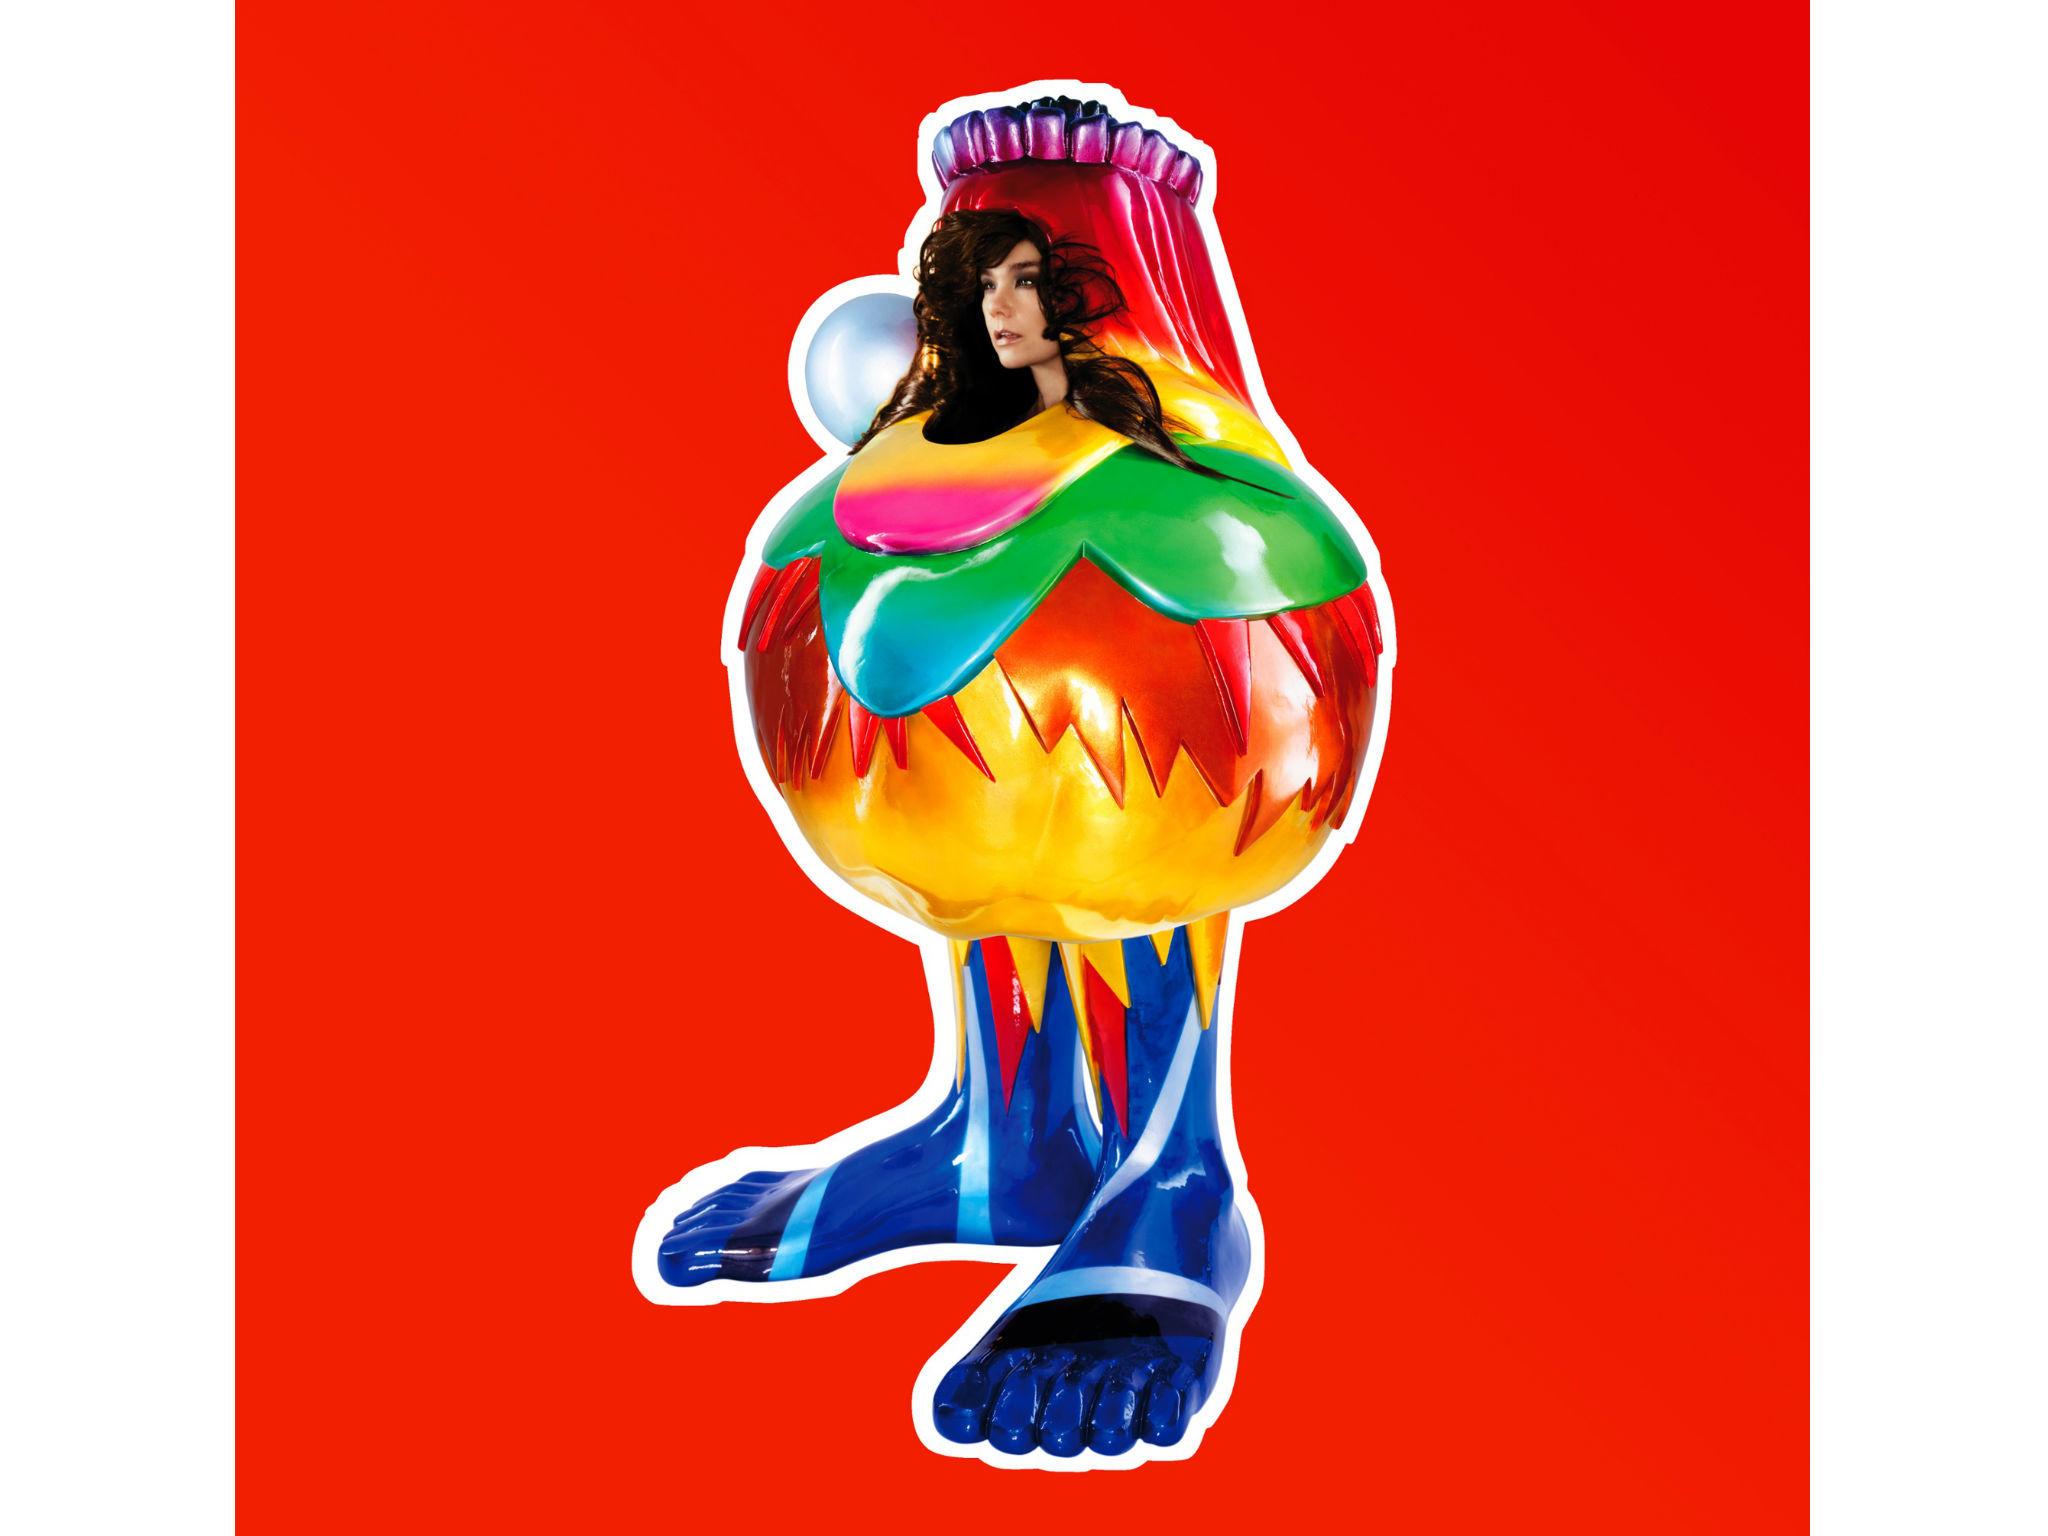 La portada del Volta de Björk